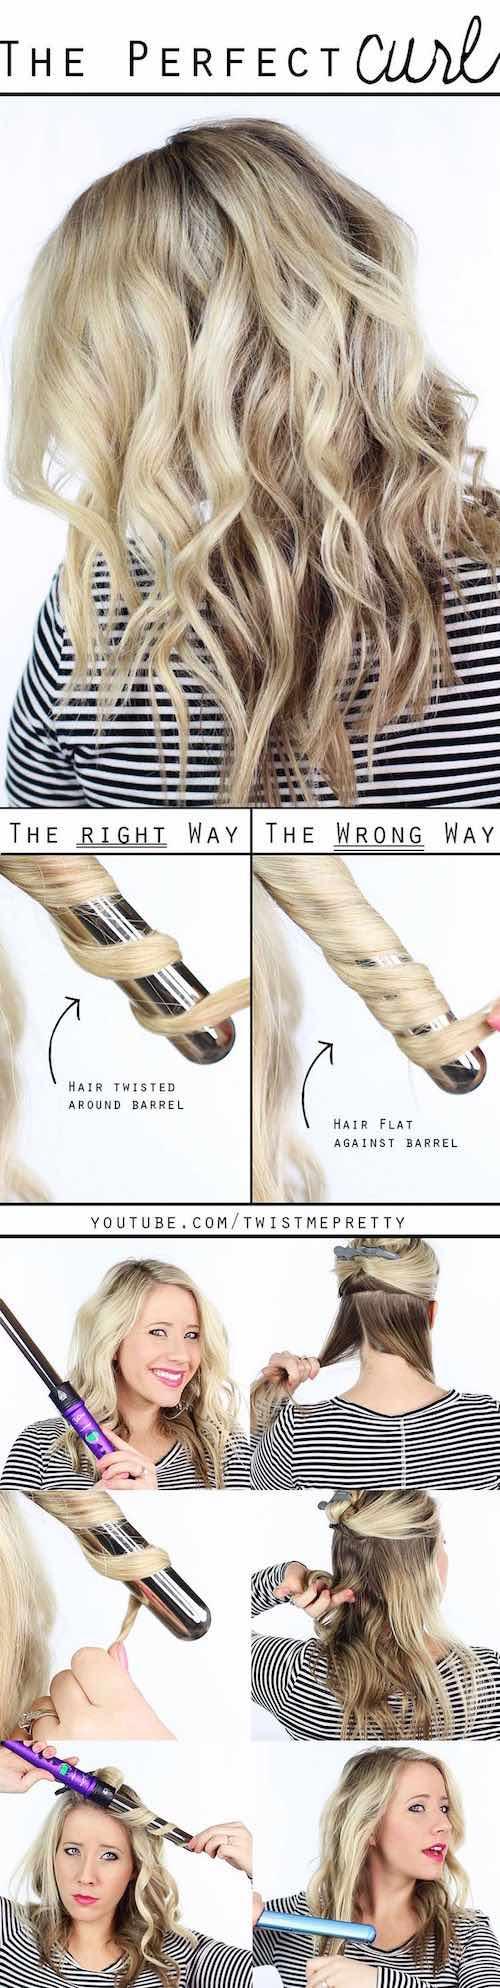 Cómo lograr los rizos perfectos para los peinados para novias boho. Peinados Boho Paso a Paso.